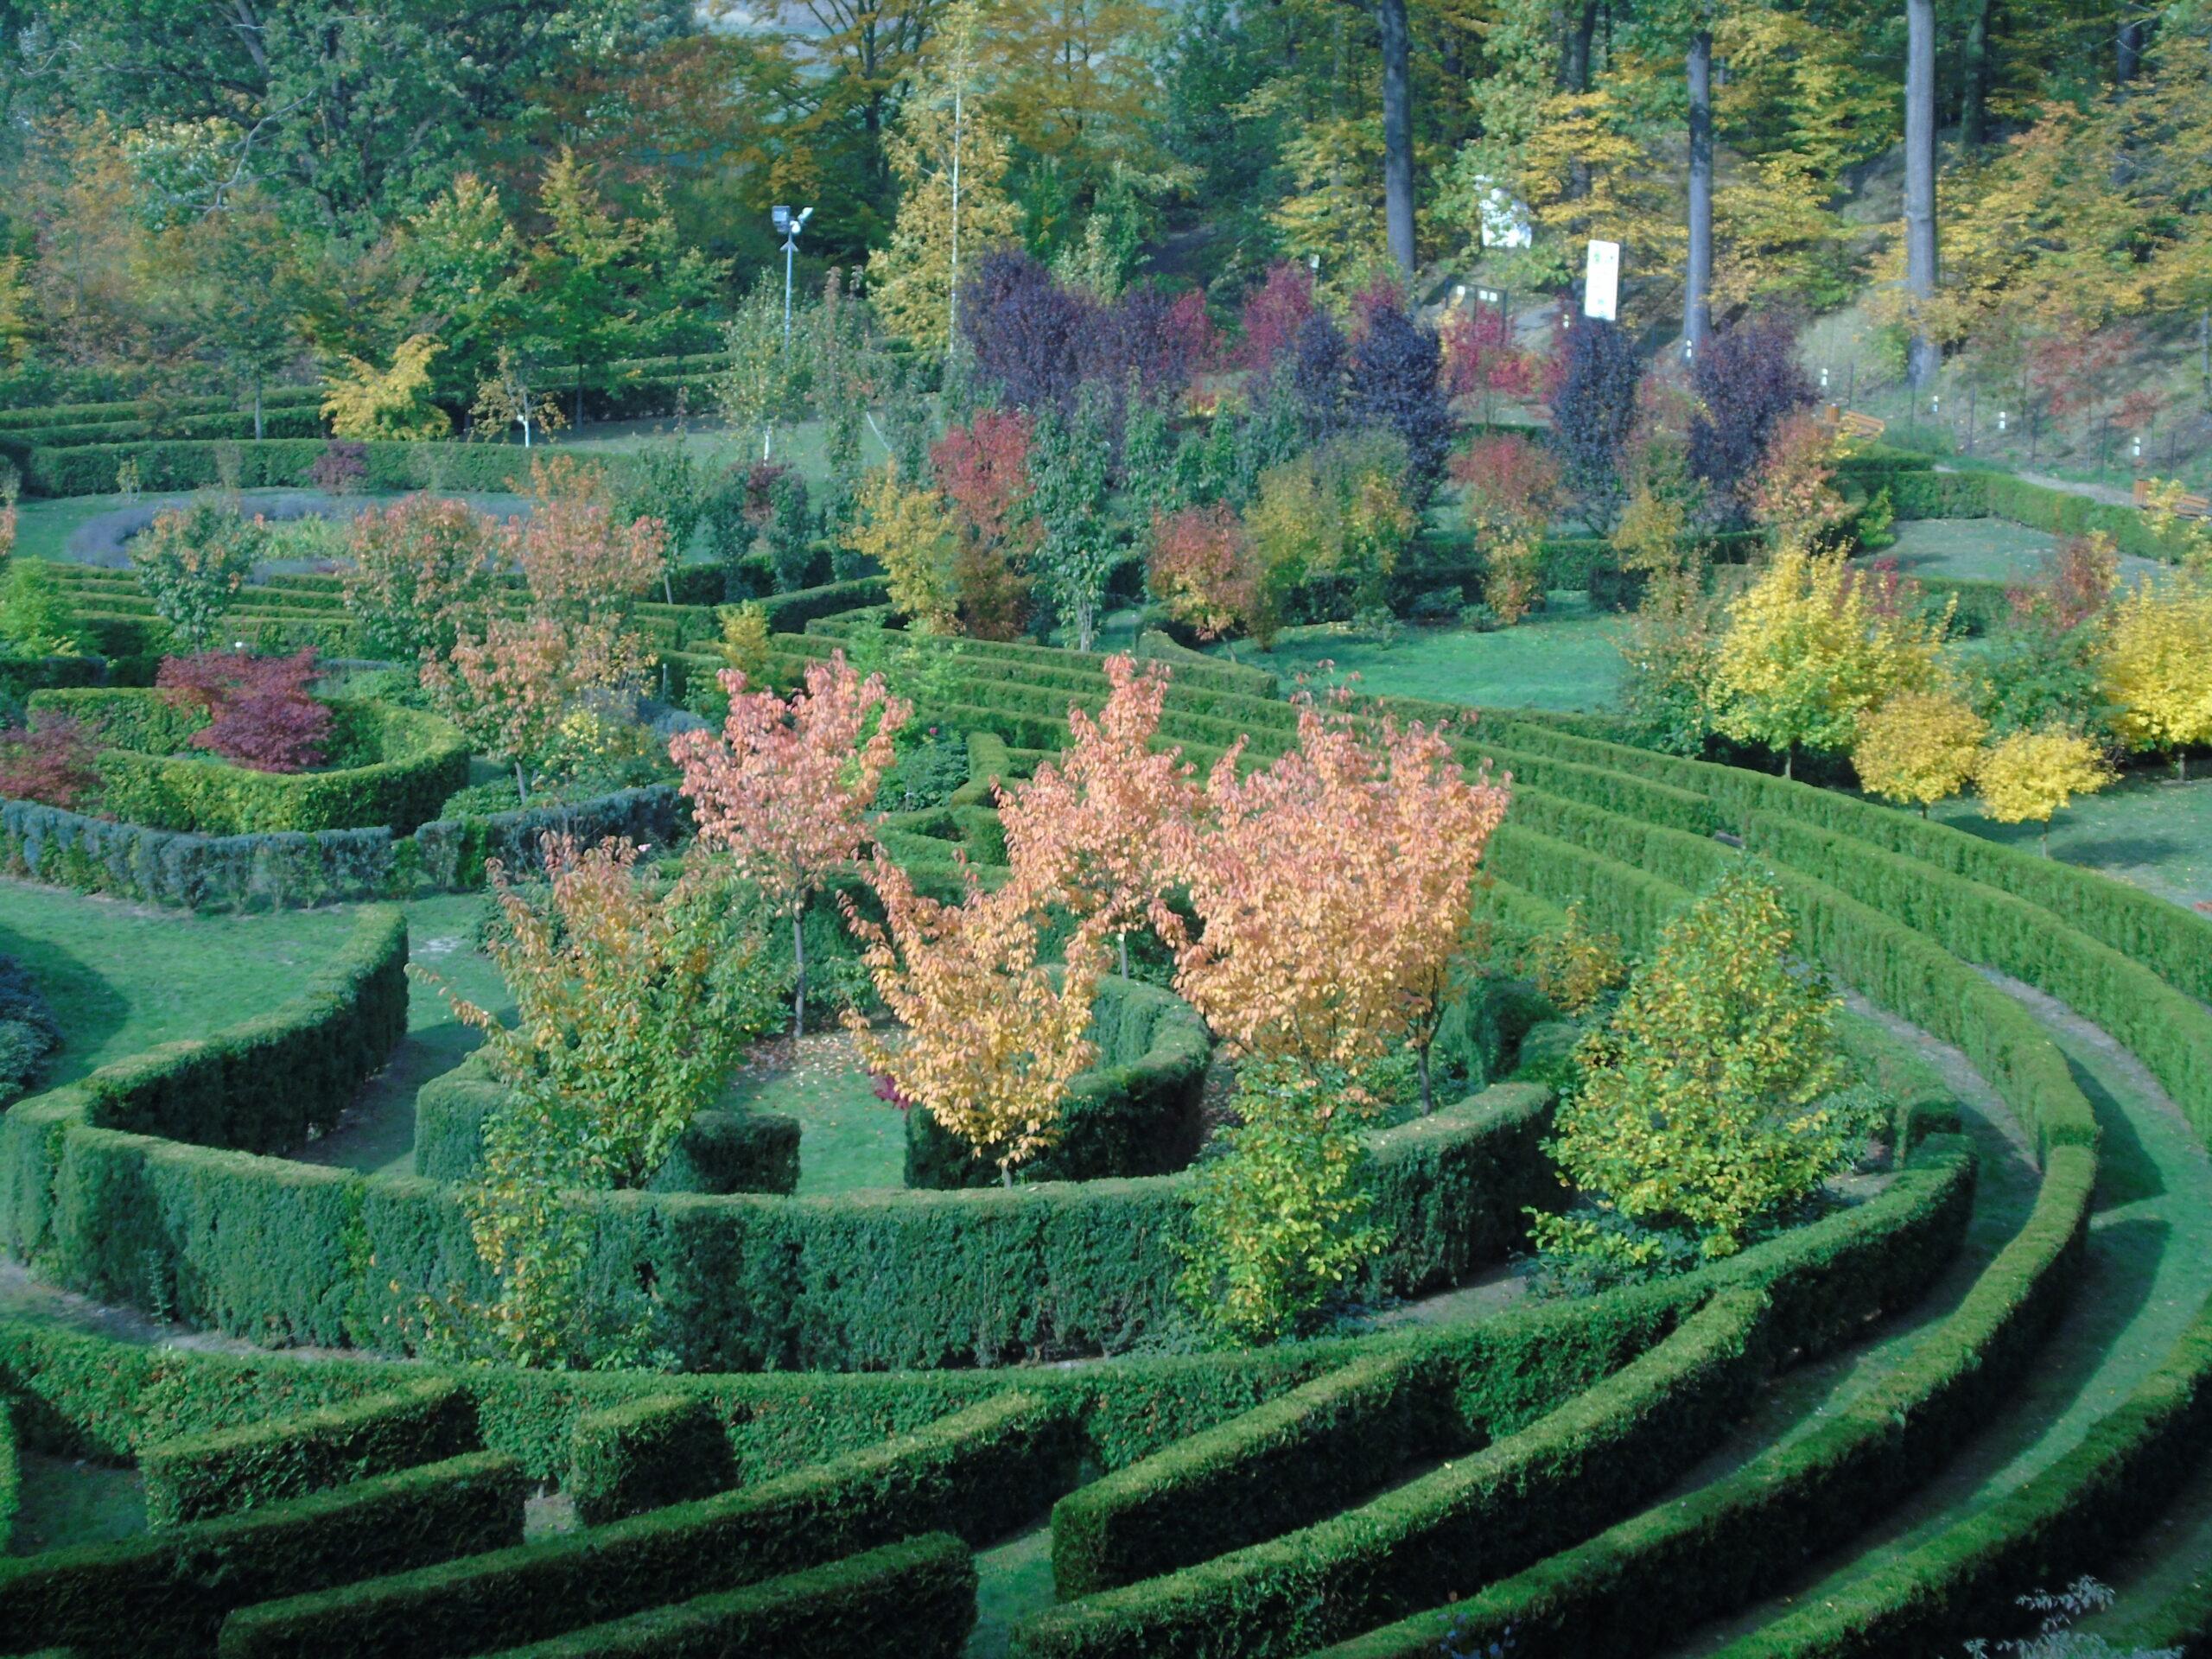 Zaczarowany Ogród w Raciborzu